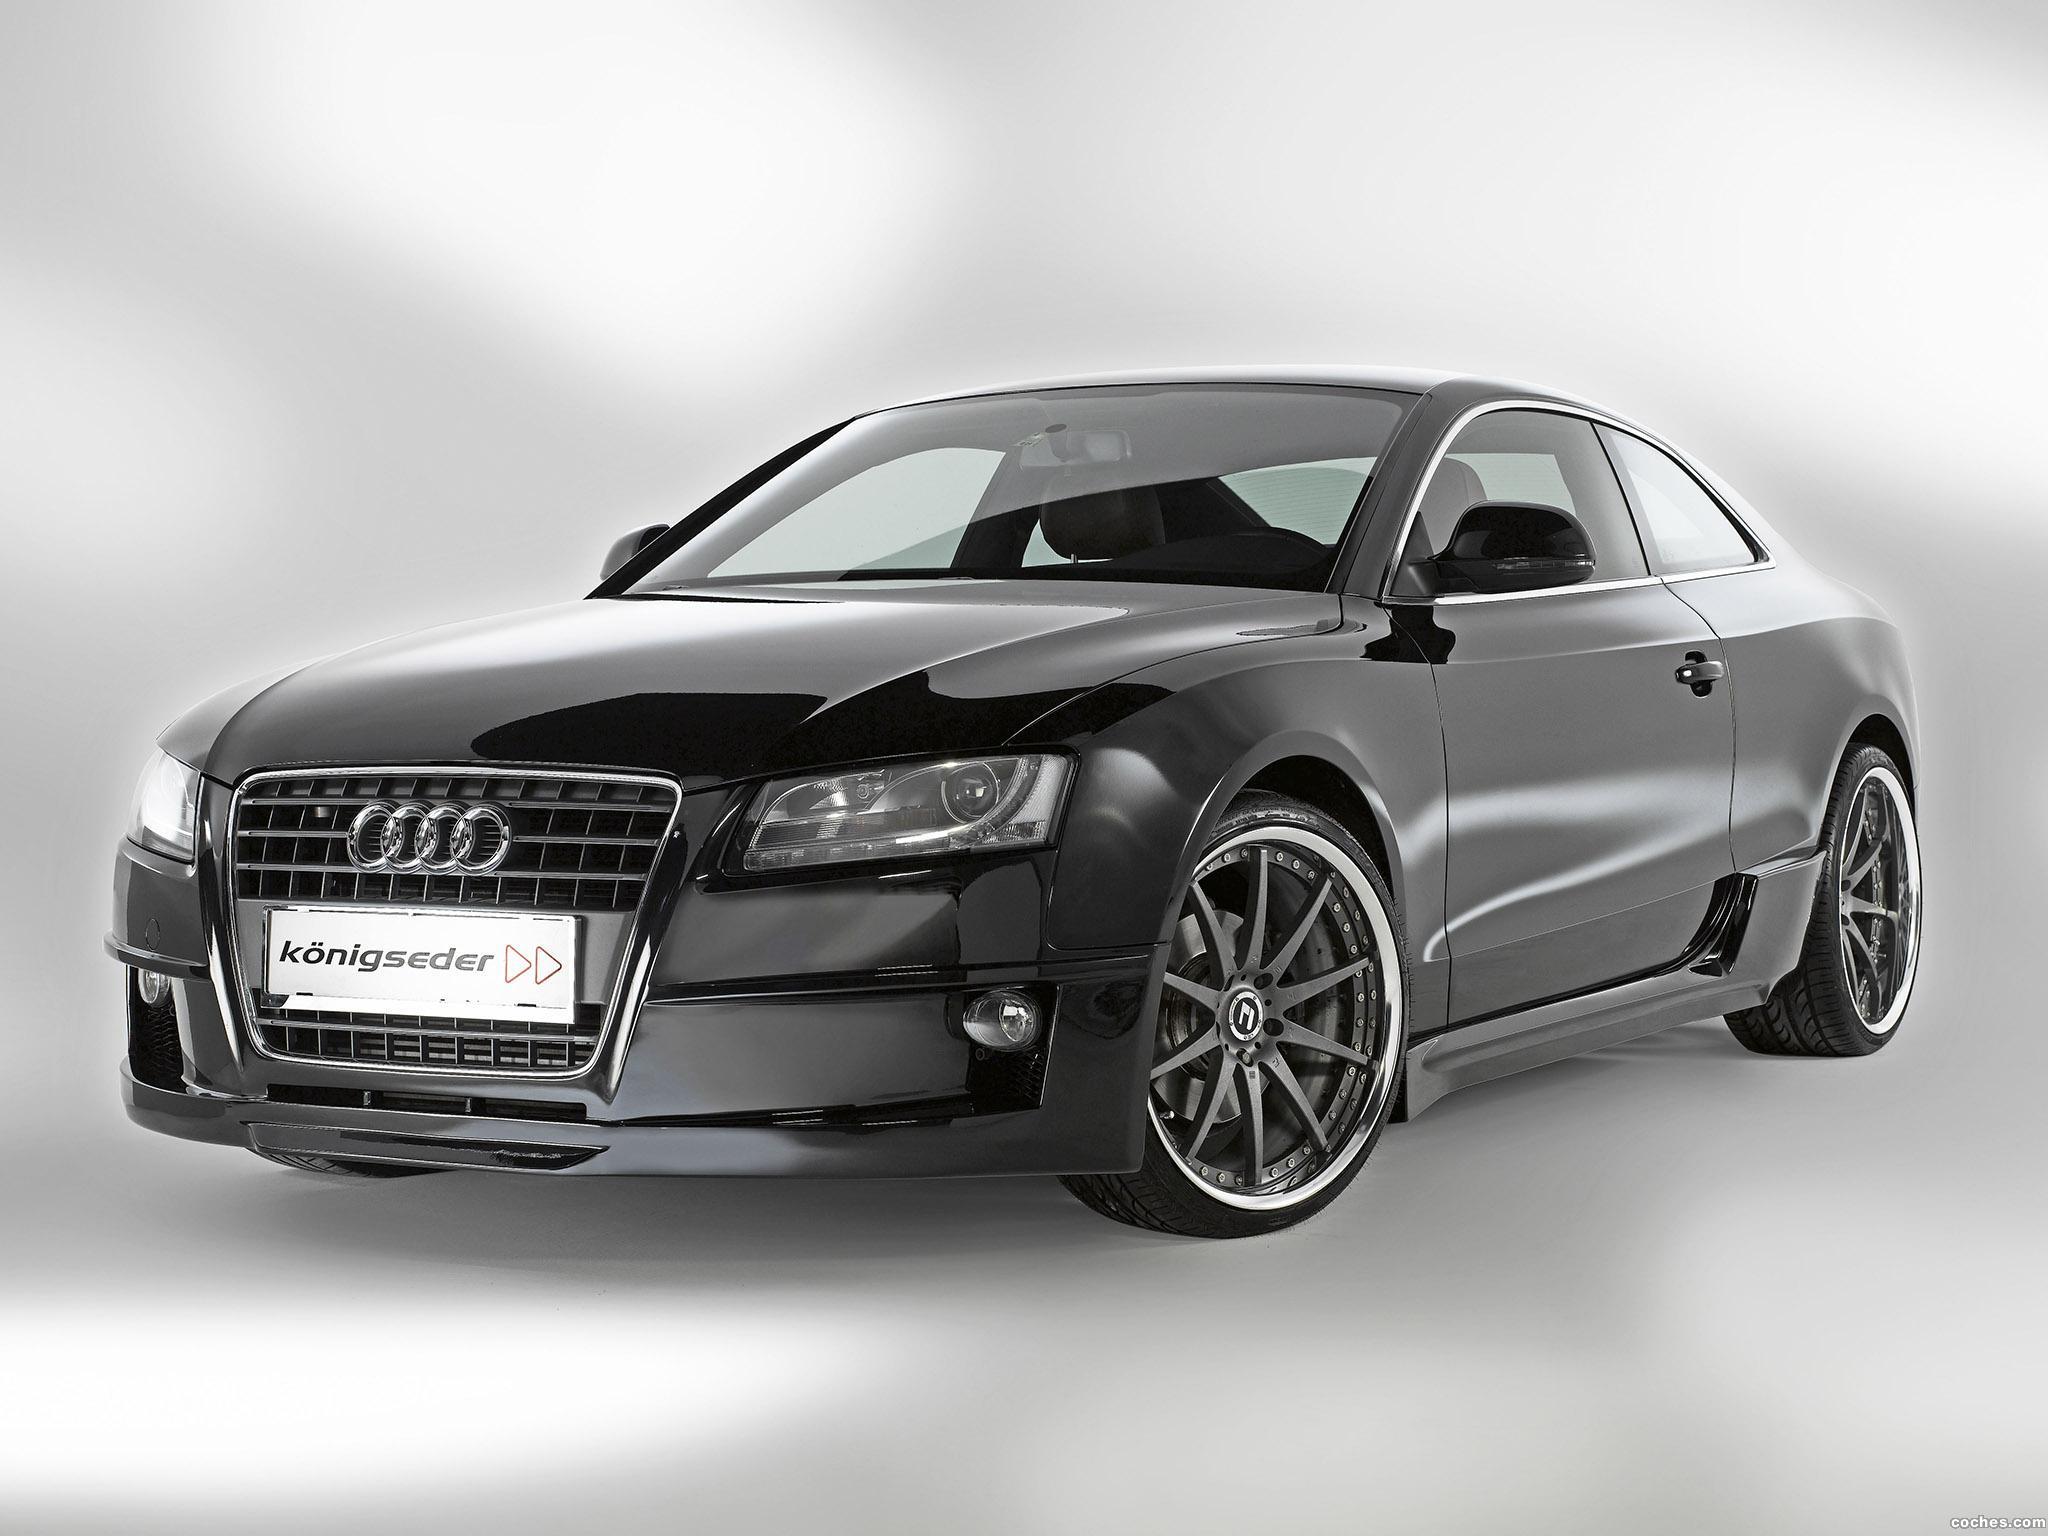 Foto 0 de Konigseder Audi S5 2009